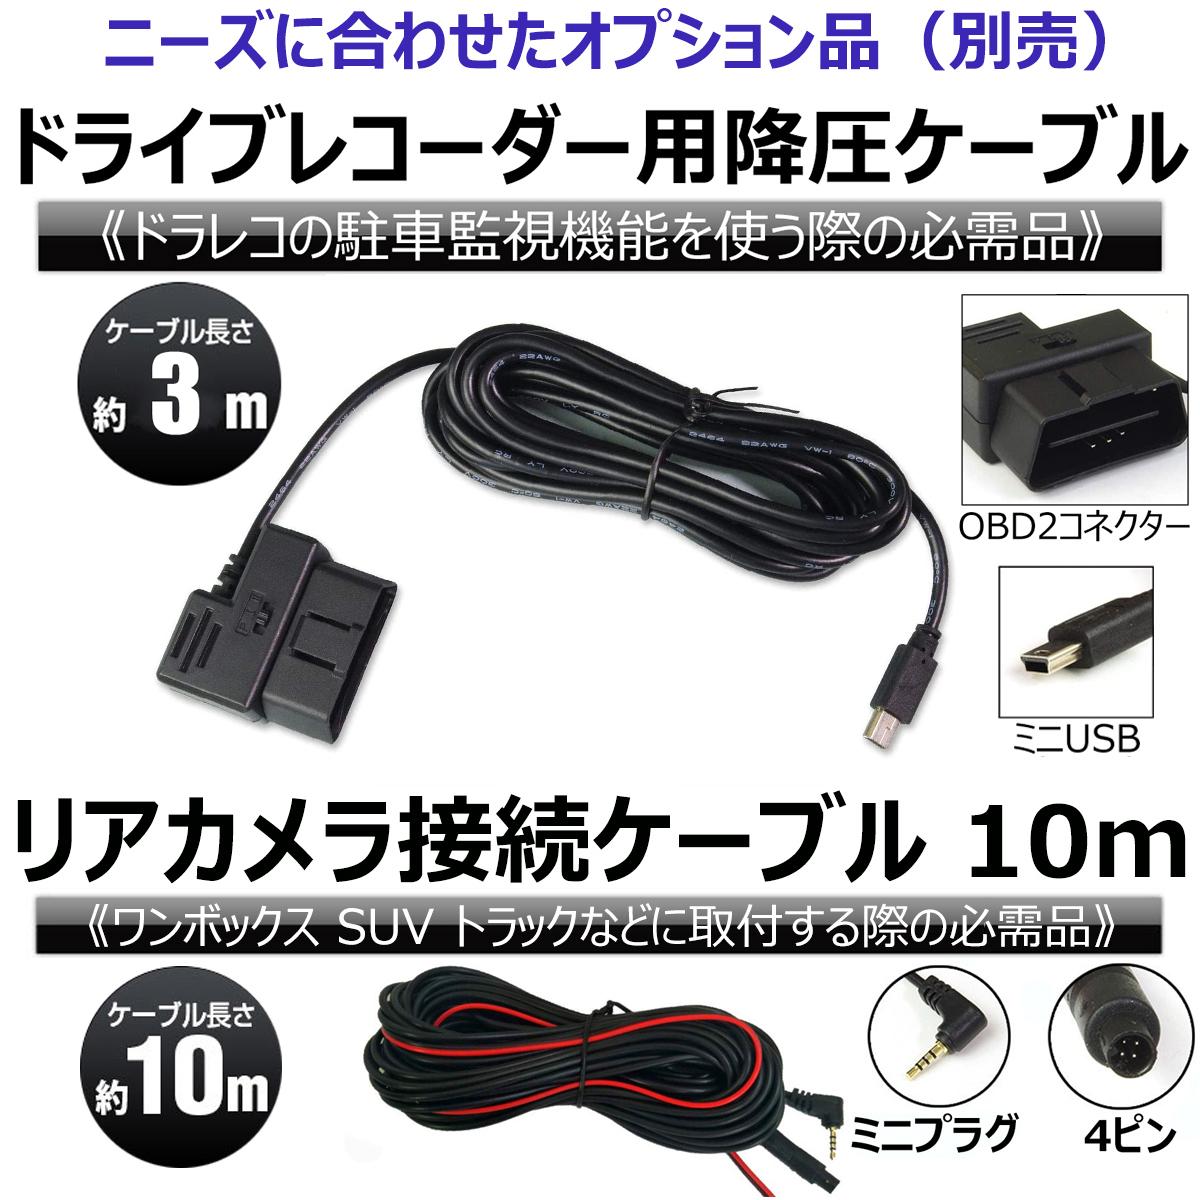 ドライブレコーダー 1080P Full HD あおり対策 前後カメラ 4インチ タッチパネル 170度広角 Gセンサー 駐車監視 LED信号対応 日本語 Eyemag_画像9